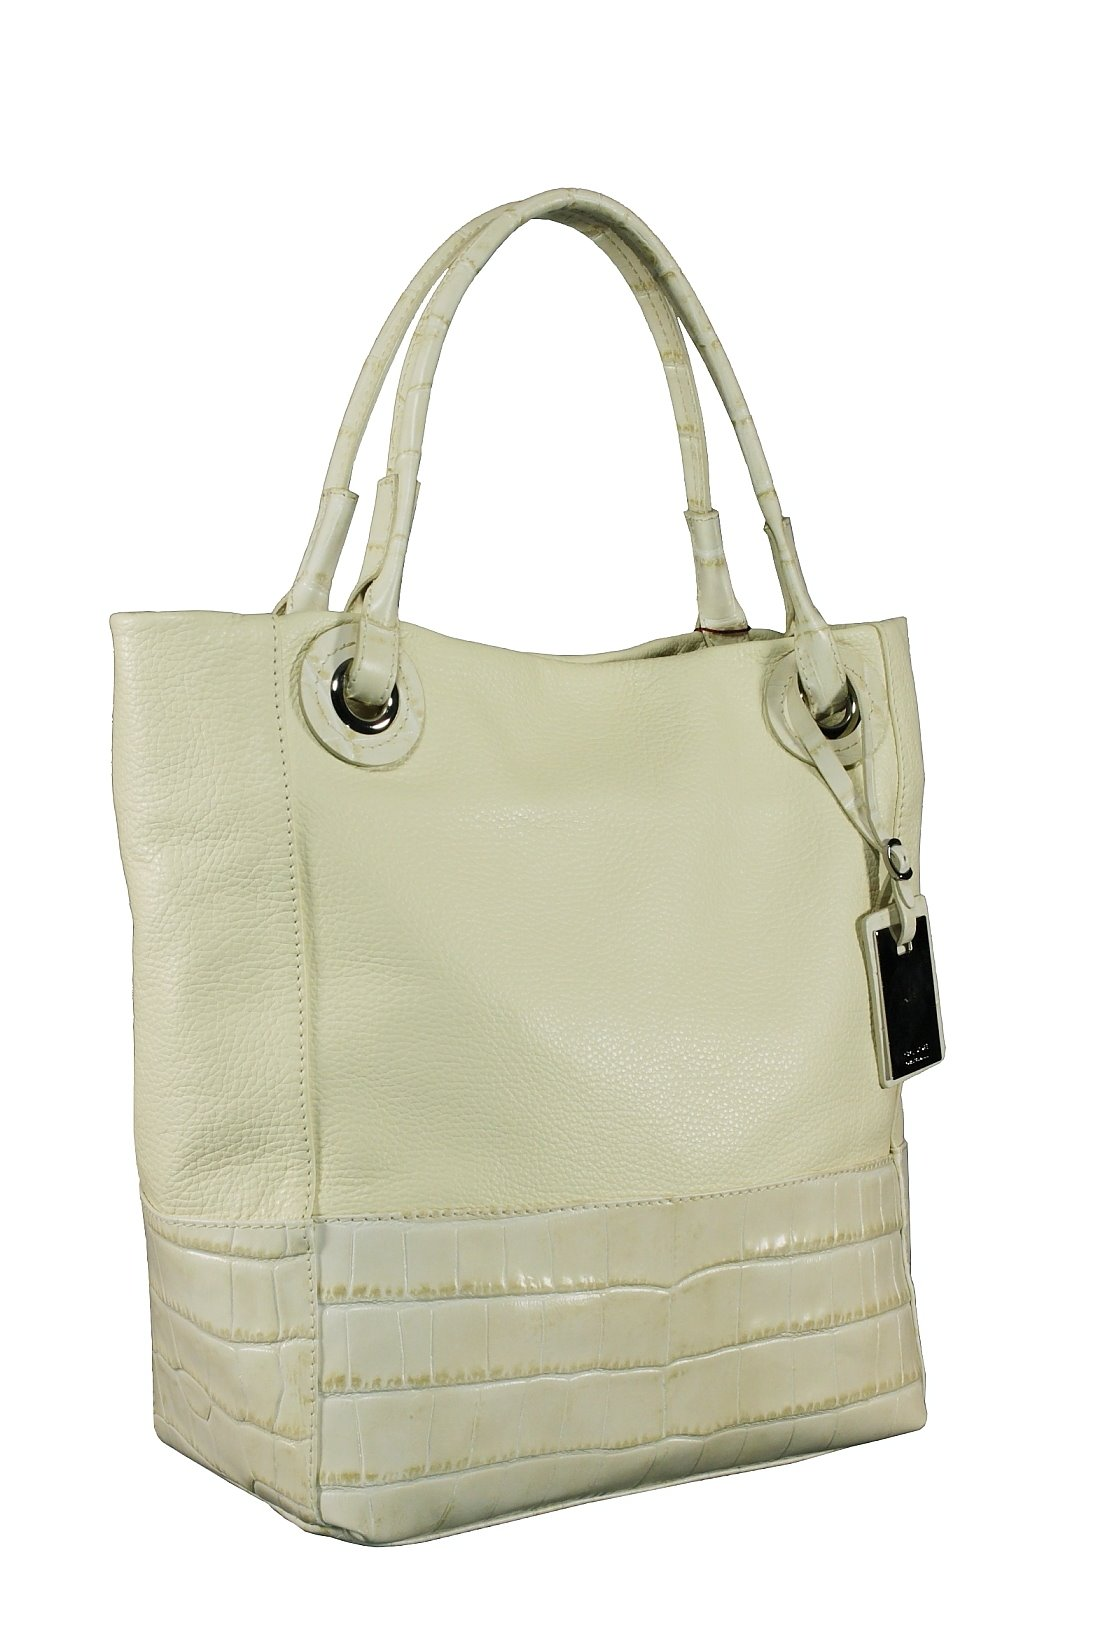 Итальянские сумки и головные уборы Wolka :: Сибмама - о